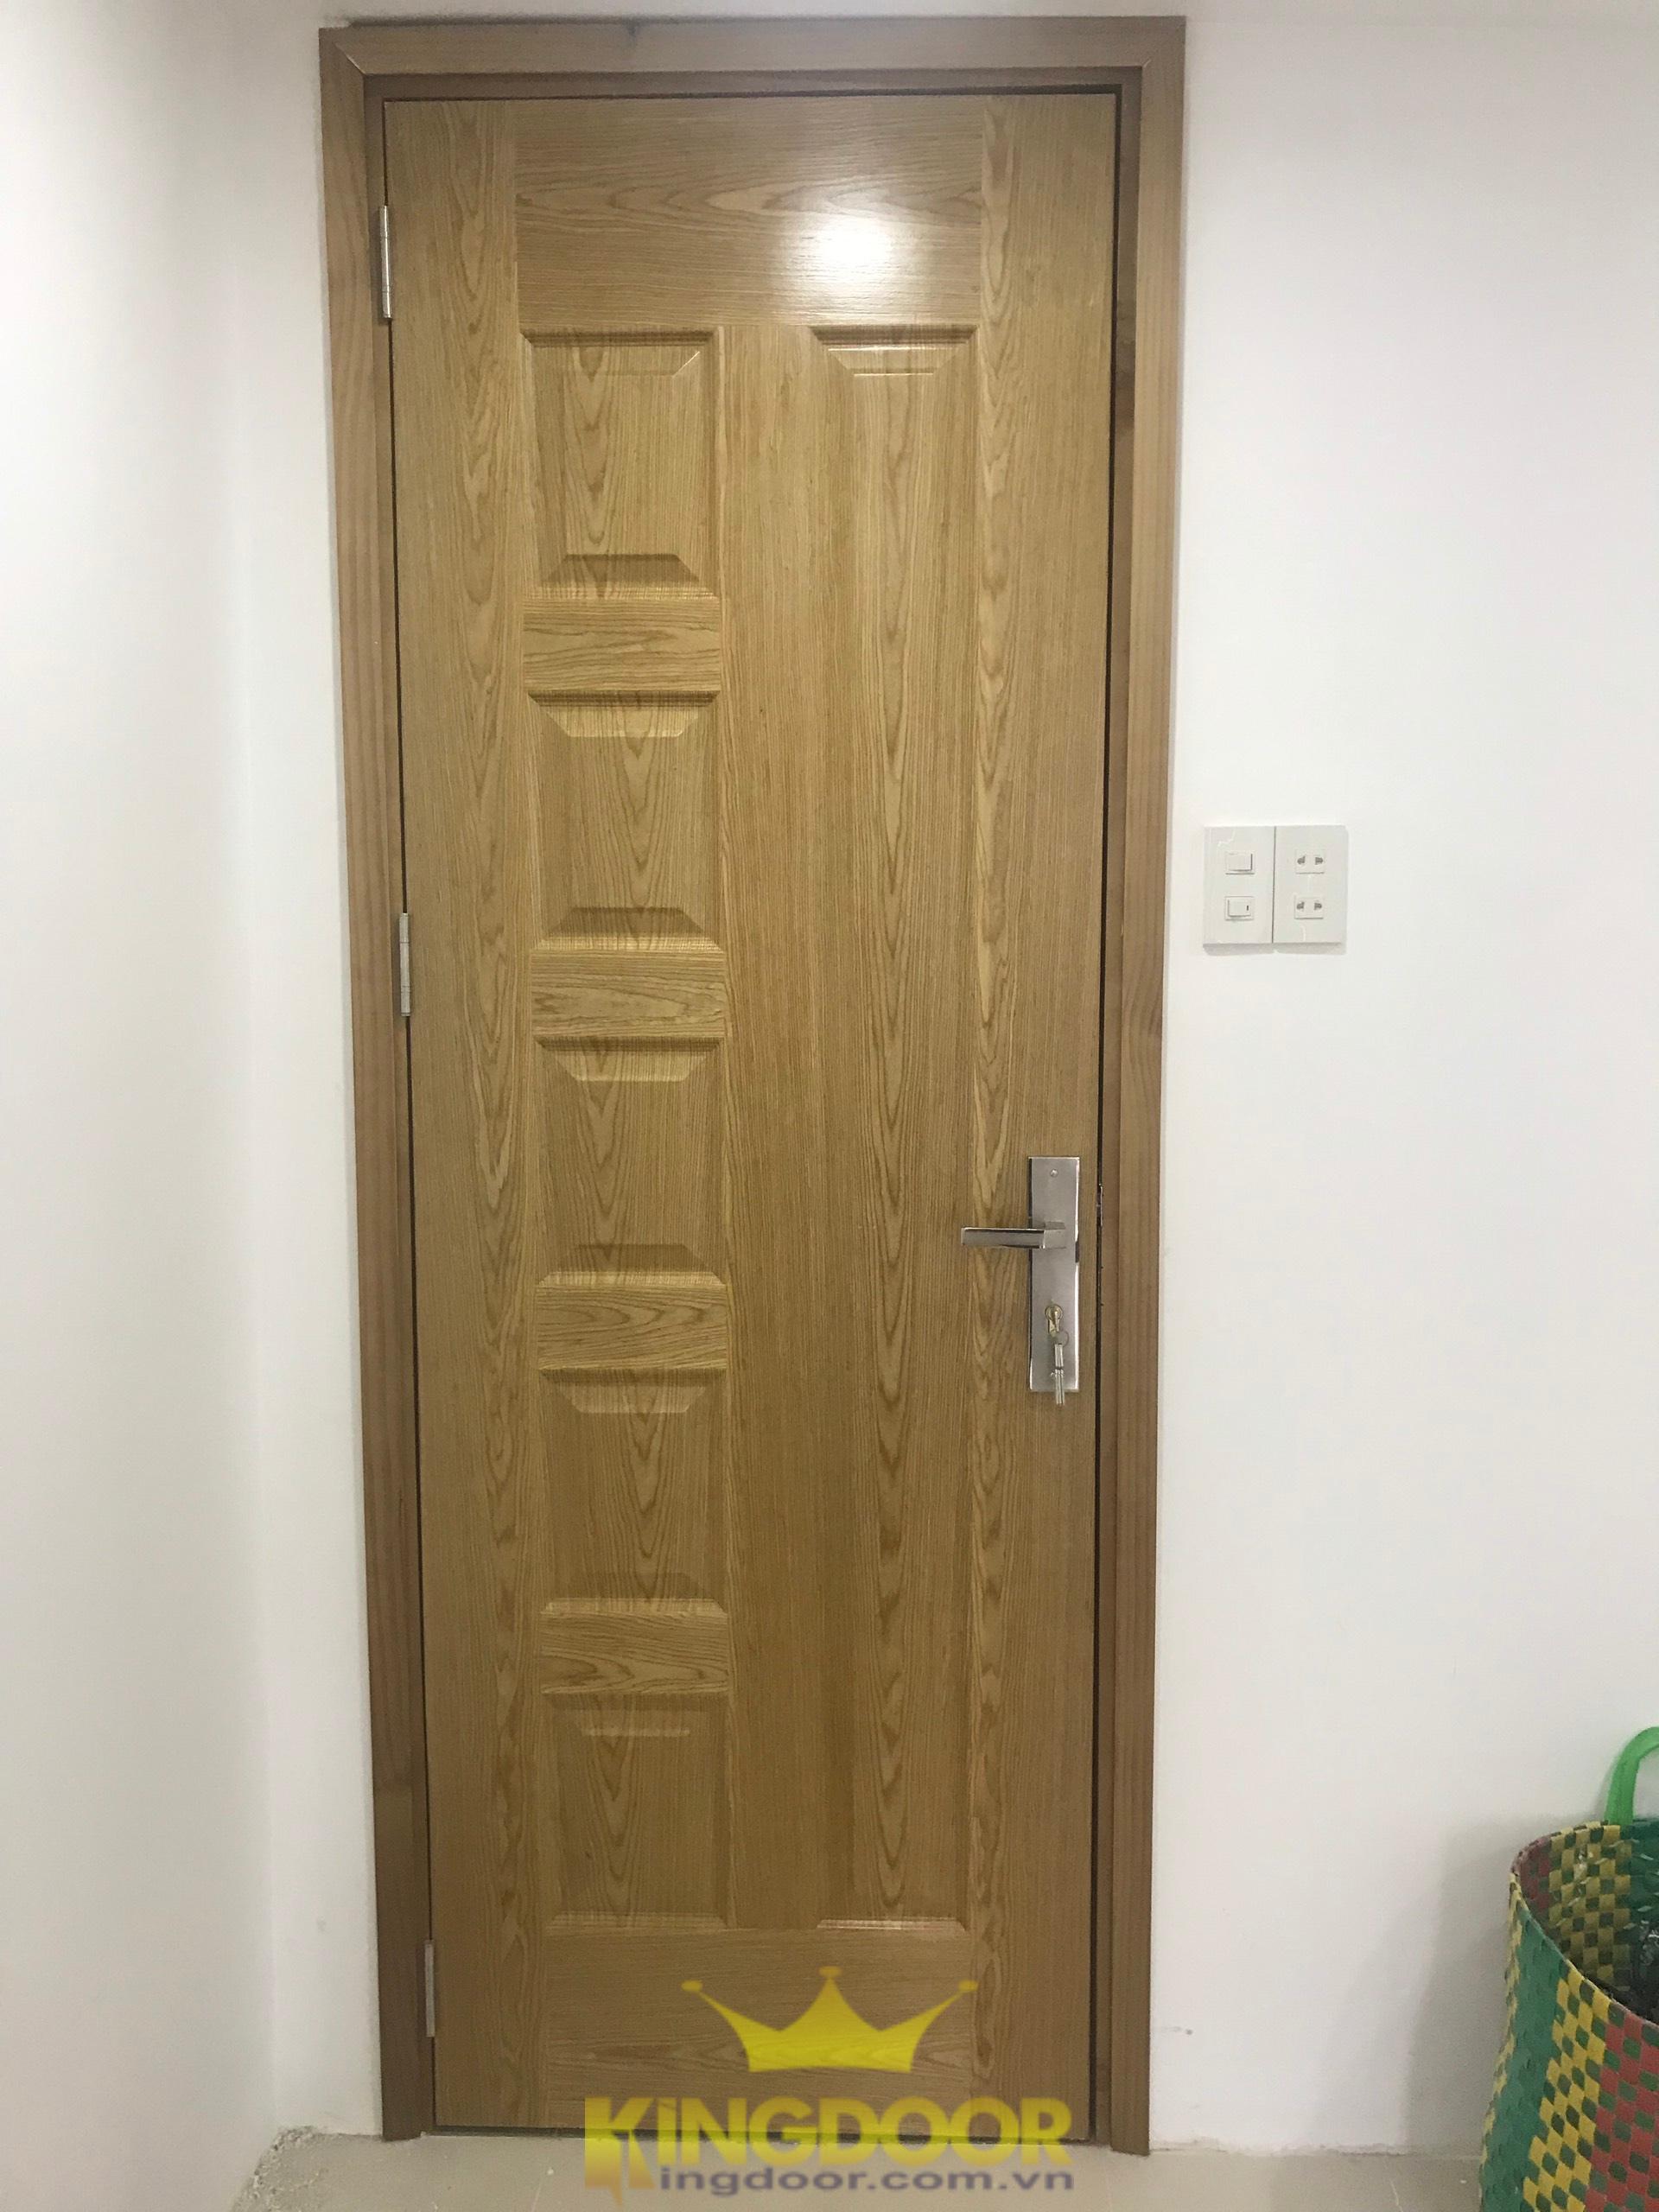 Mẫu cửa gỗ công nghiệp HDF Veneer màu ash.